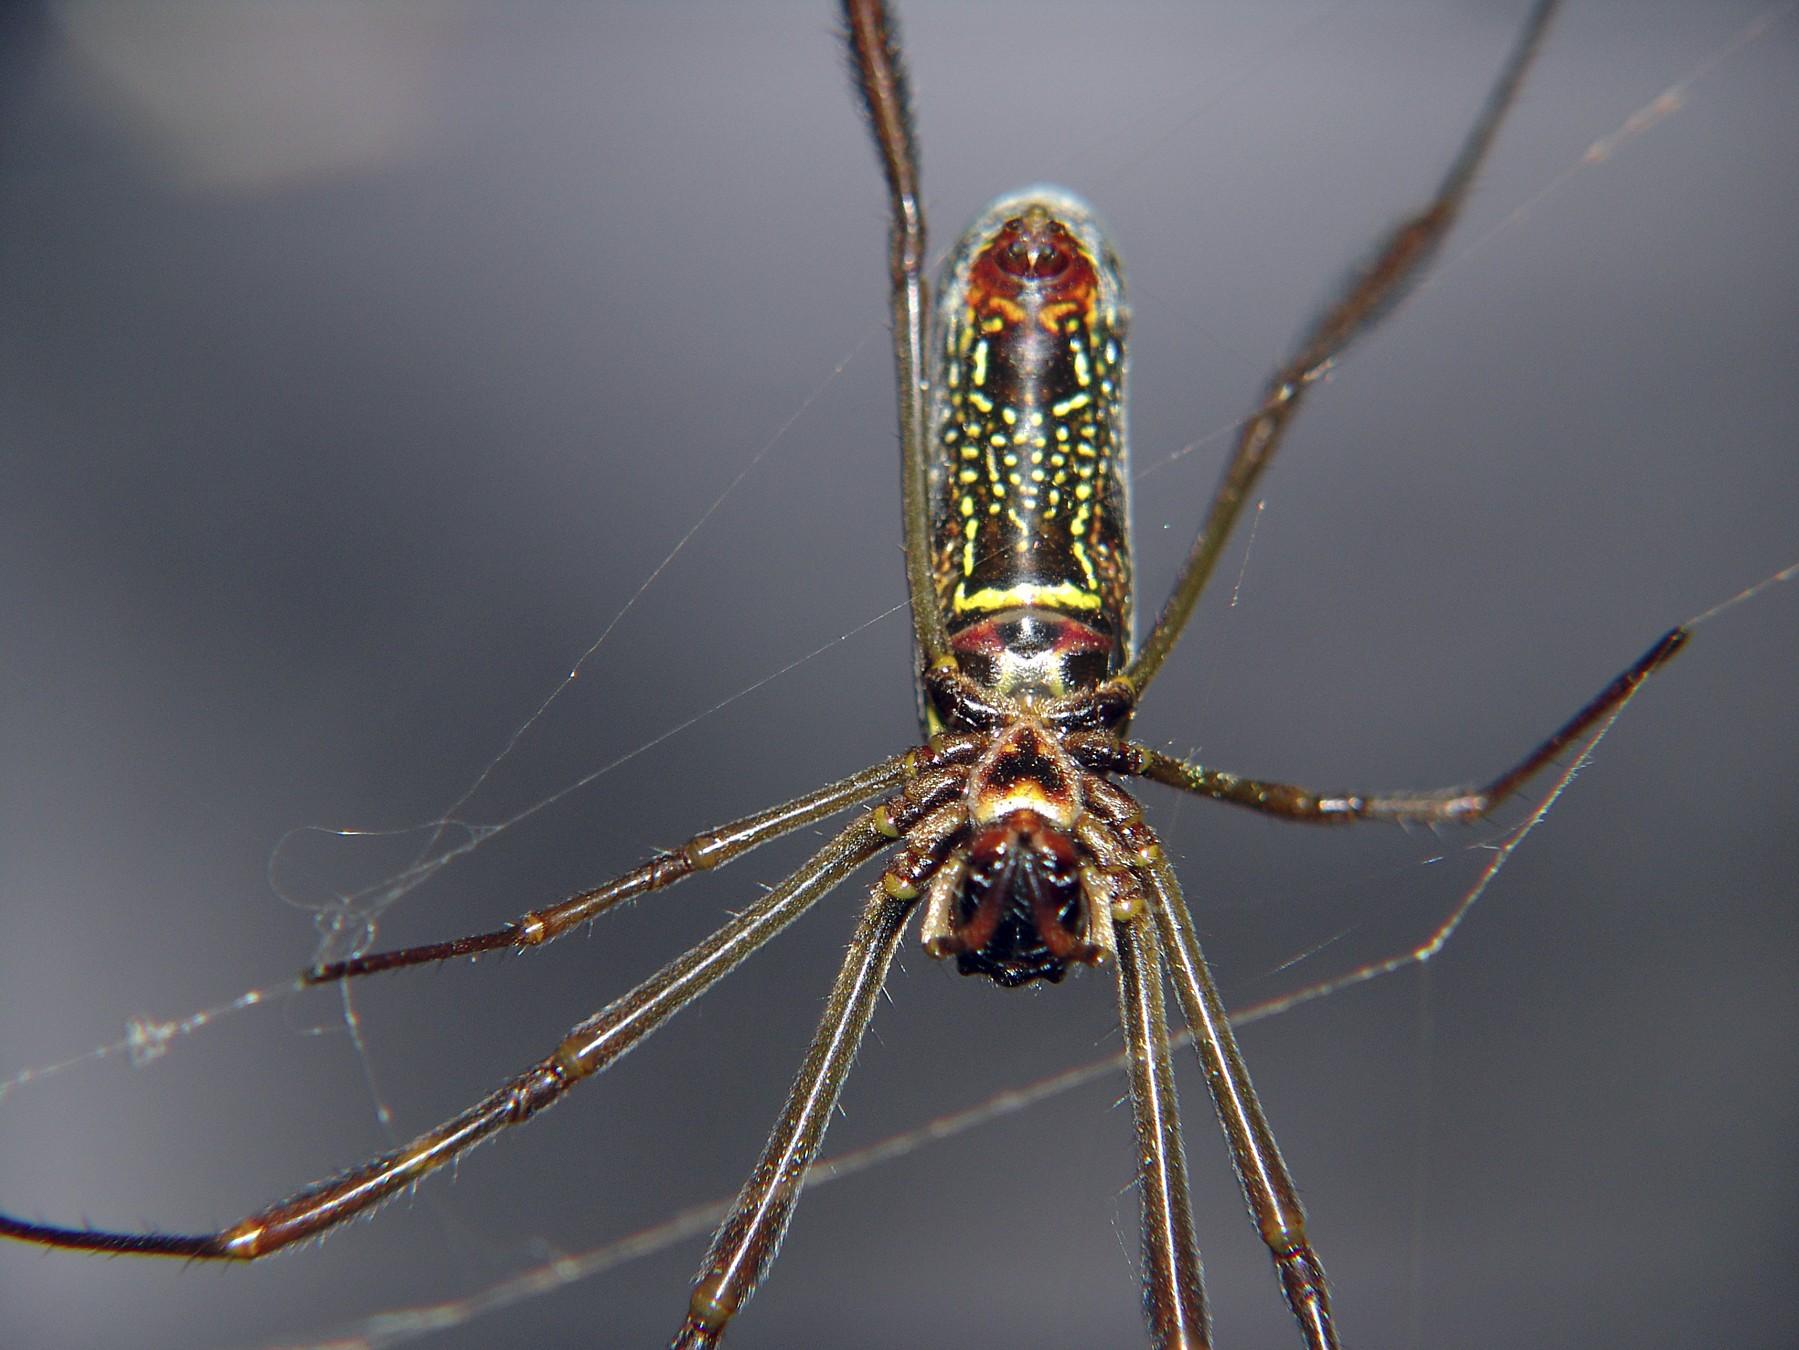 Fotos de aranhas marrom 52